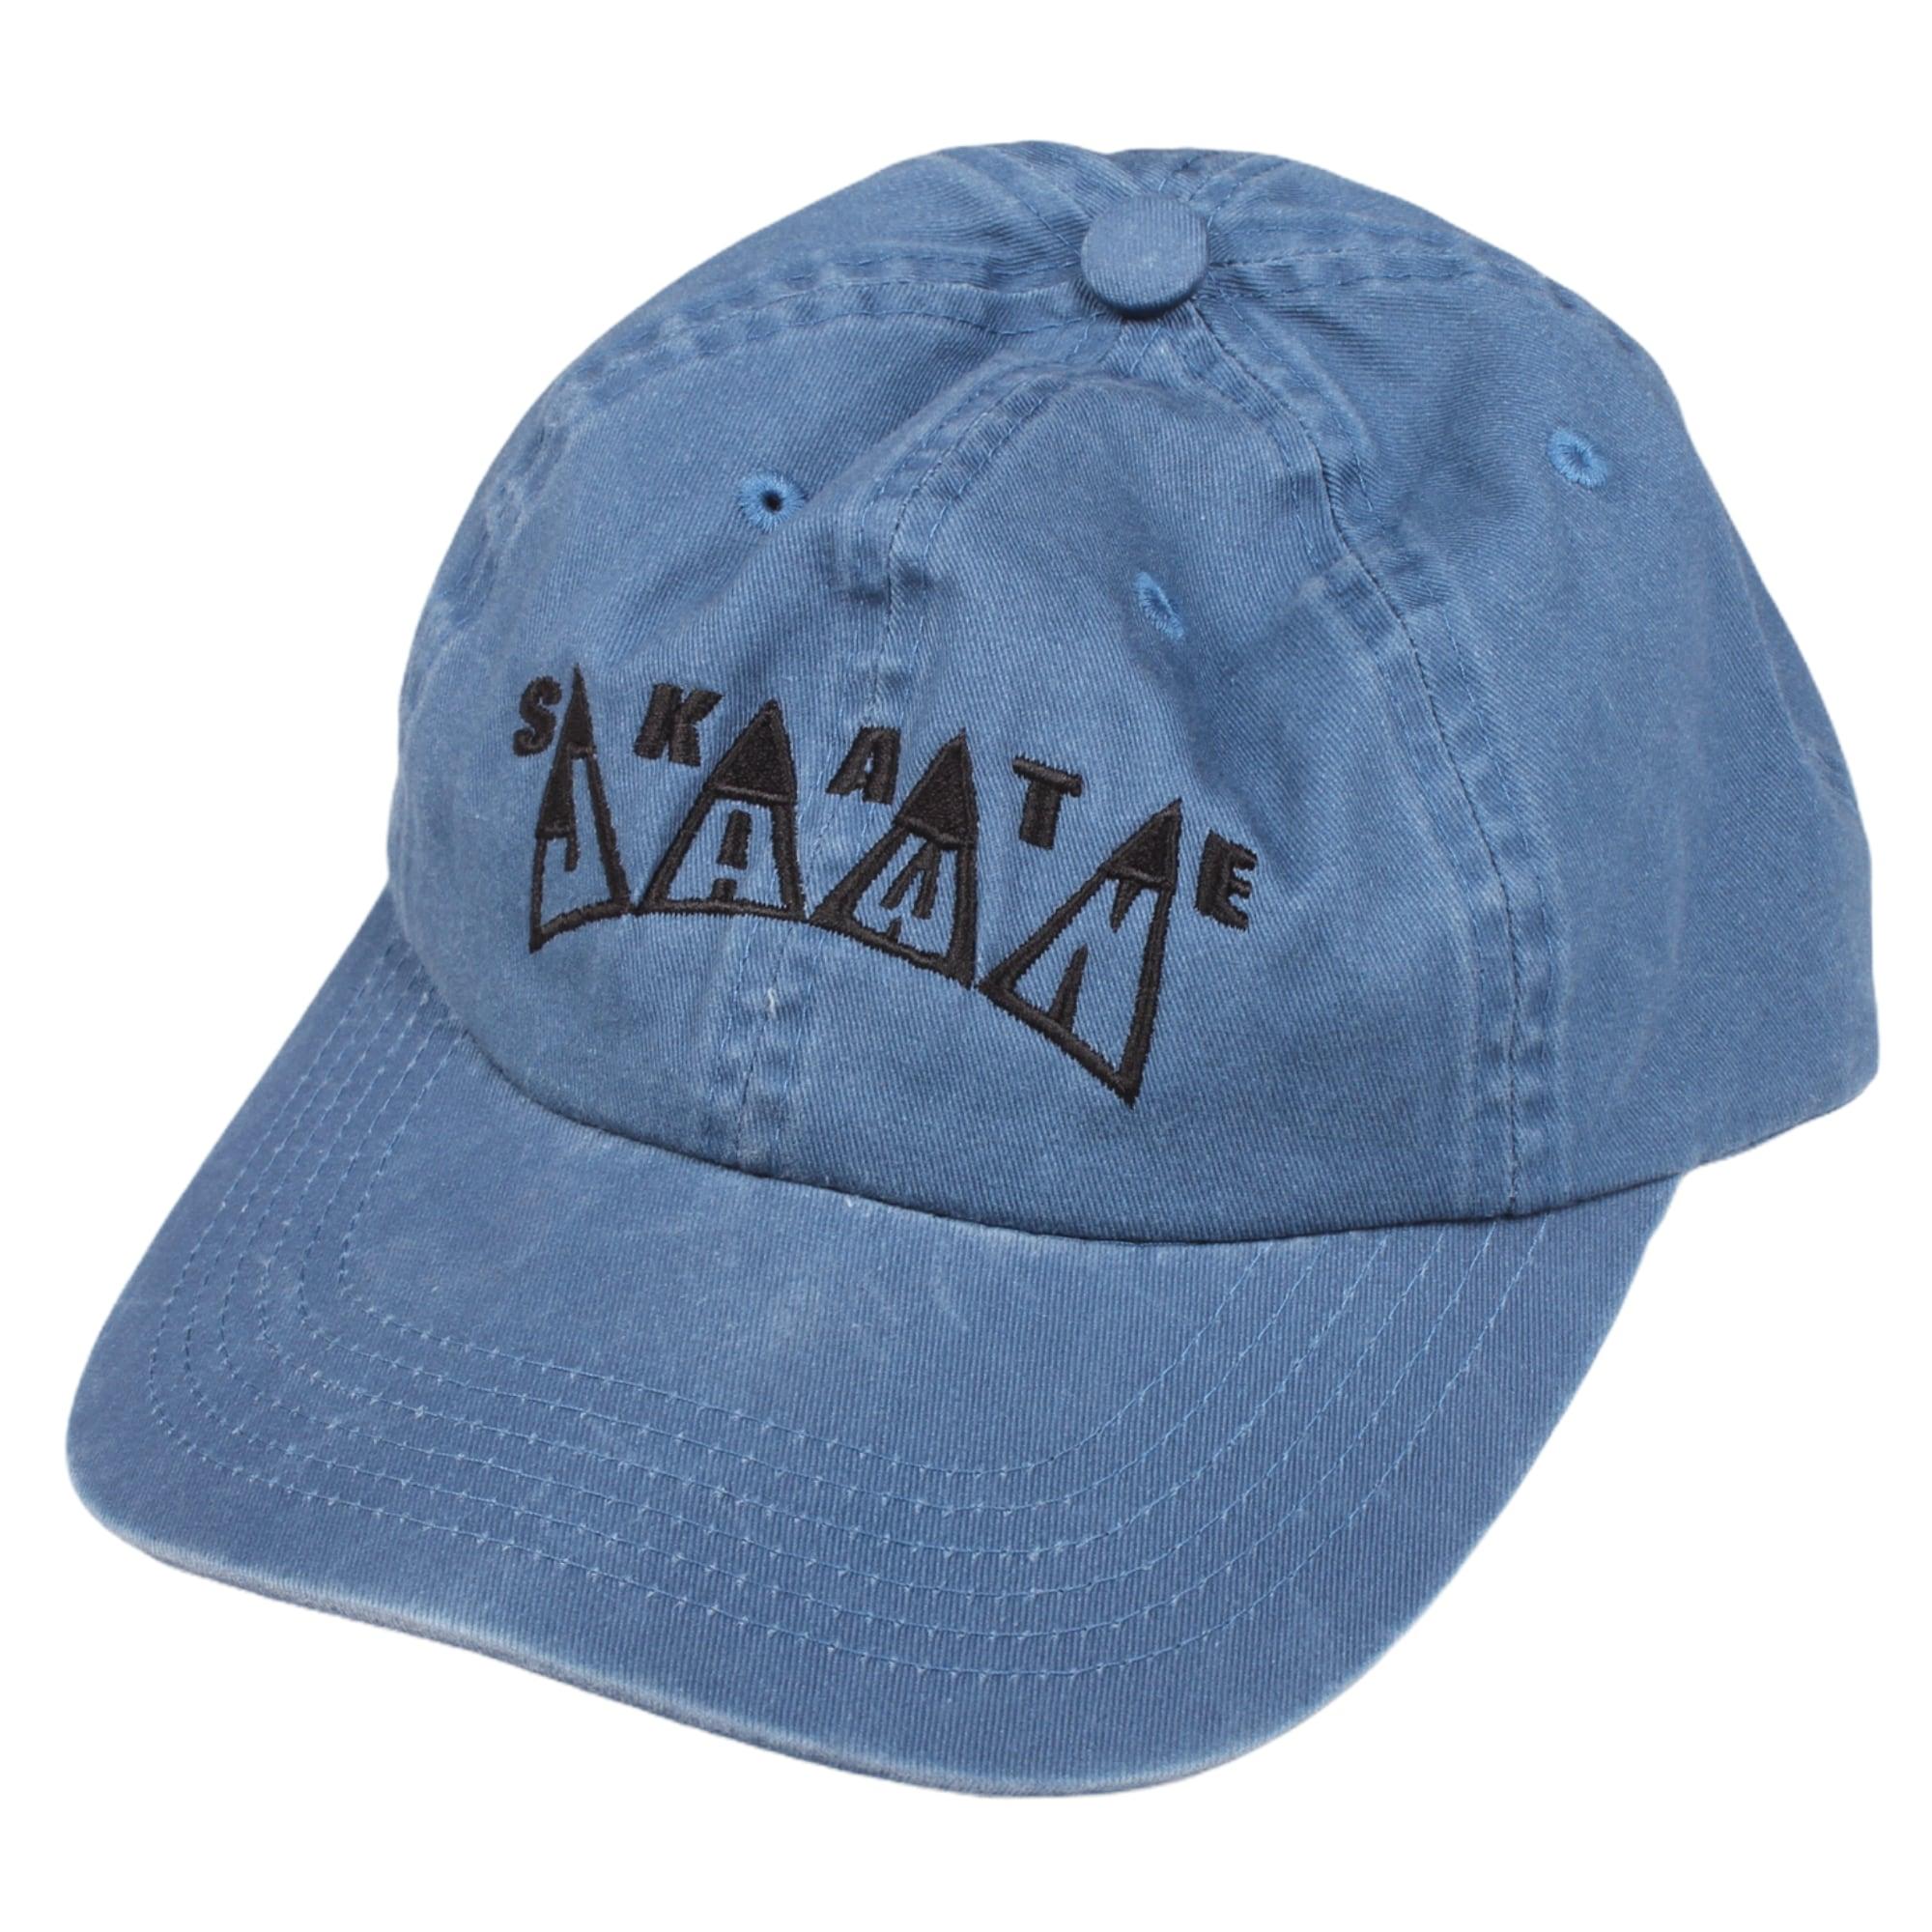 SKATE JAWN  【KING EMB 6 PANEL HAT BLUE】